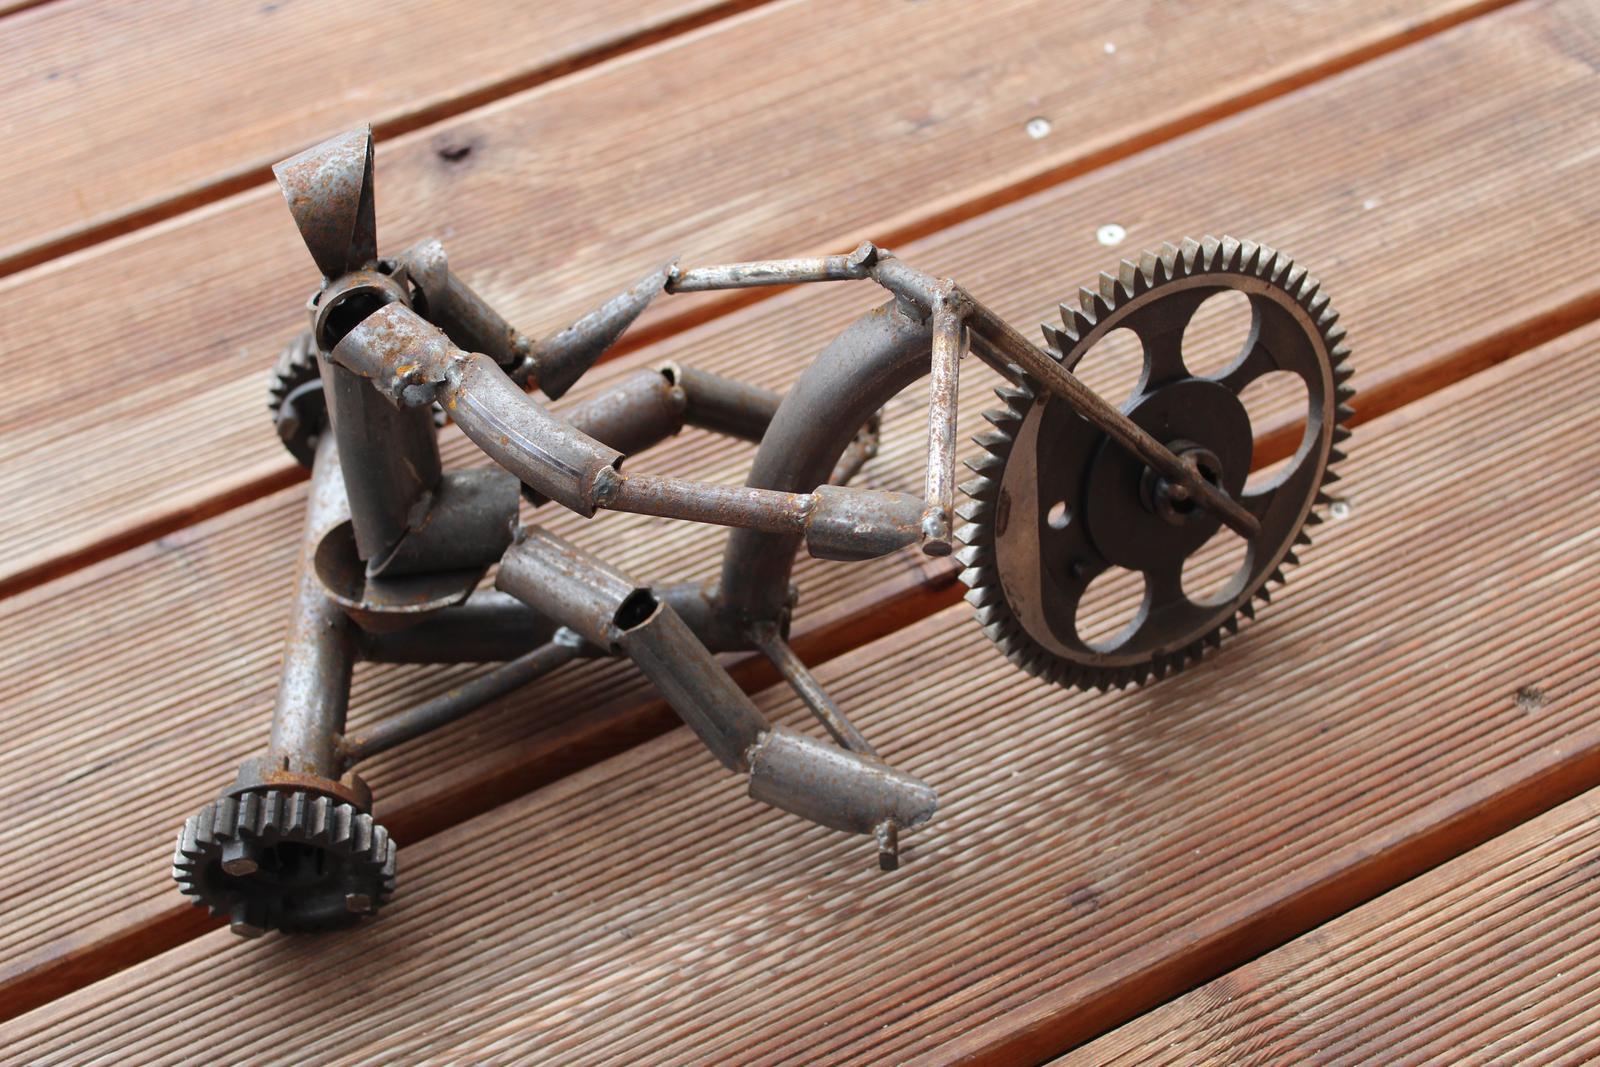 Motocykel s jazdcom - Obrázok č. 1